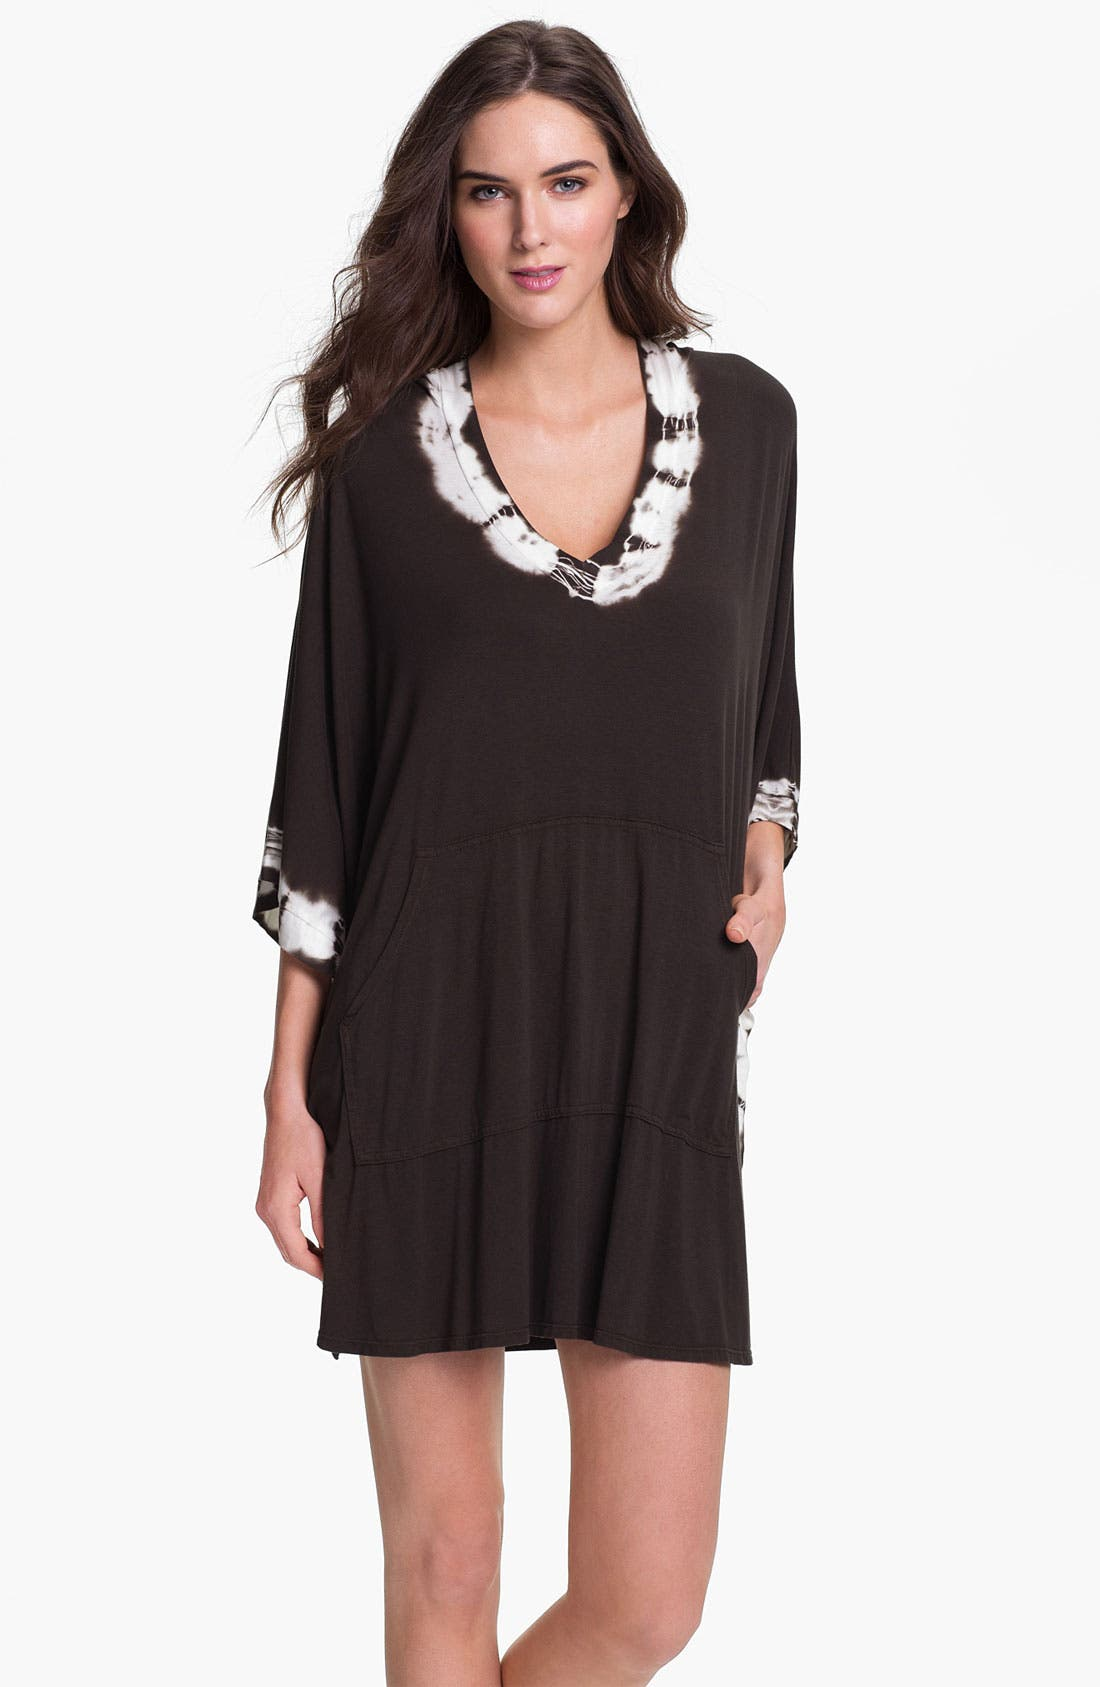 Alternate Image 1 Selected - Lucky Brand Swimwear 'Summer Lovin' Hooded Dress